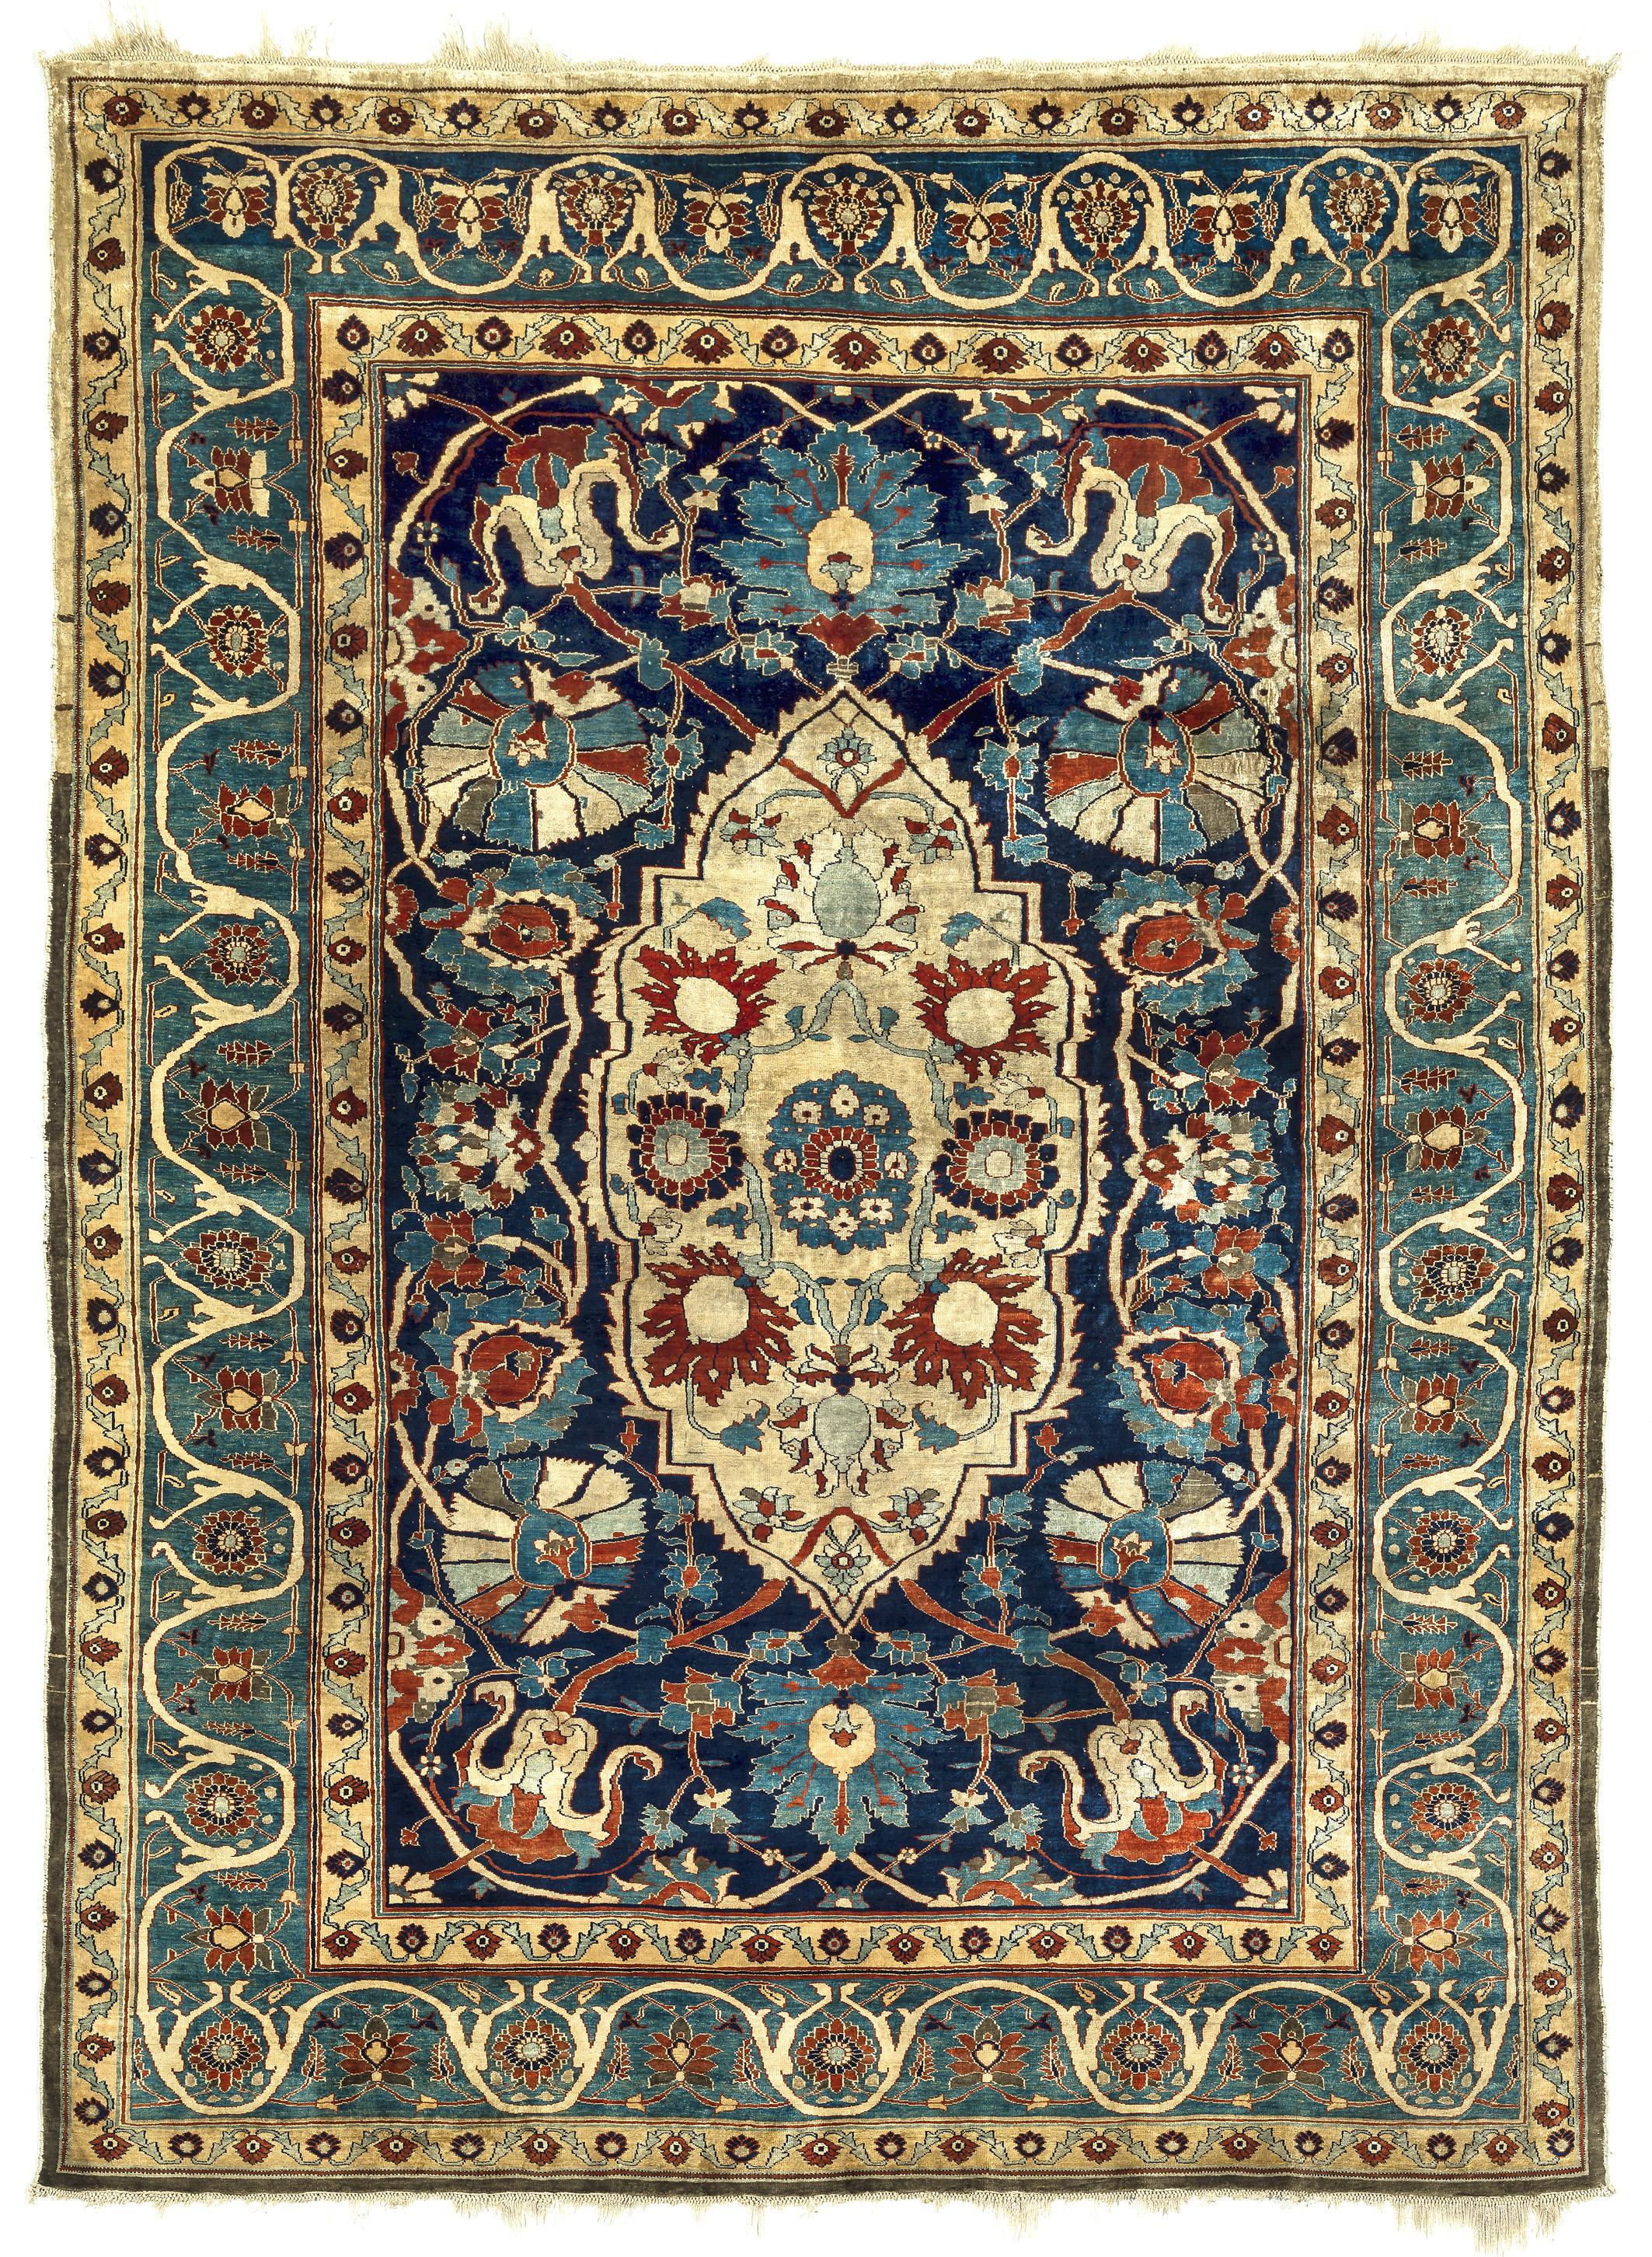 Heriz or Tabriz silk rug, northwest Persia, 19th century, 140 x 200cm. Teppichhaus Lerch, Munich